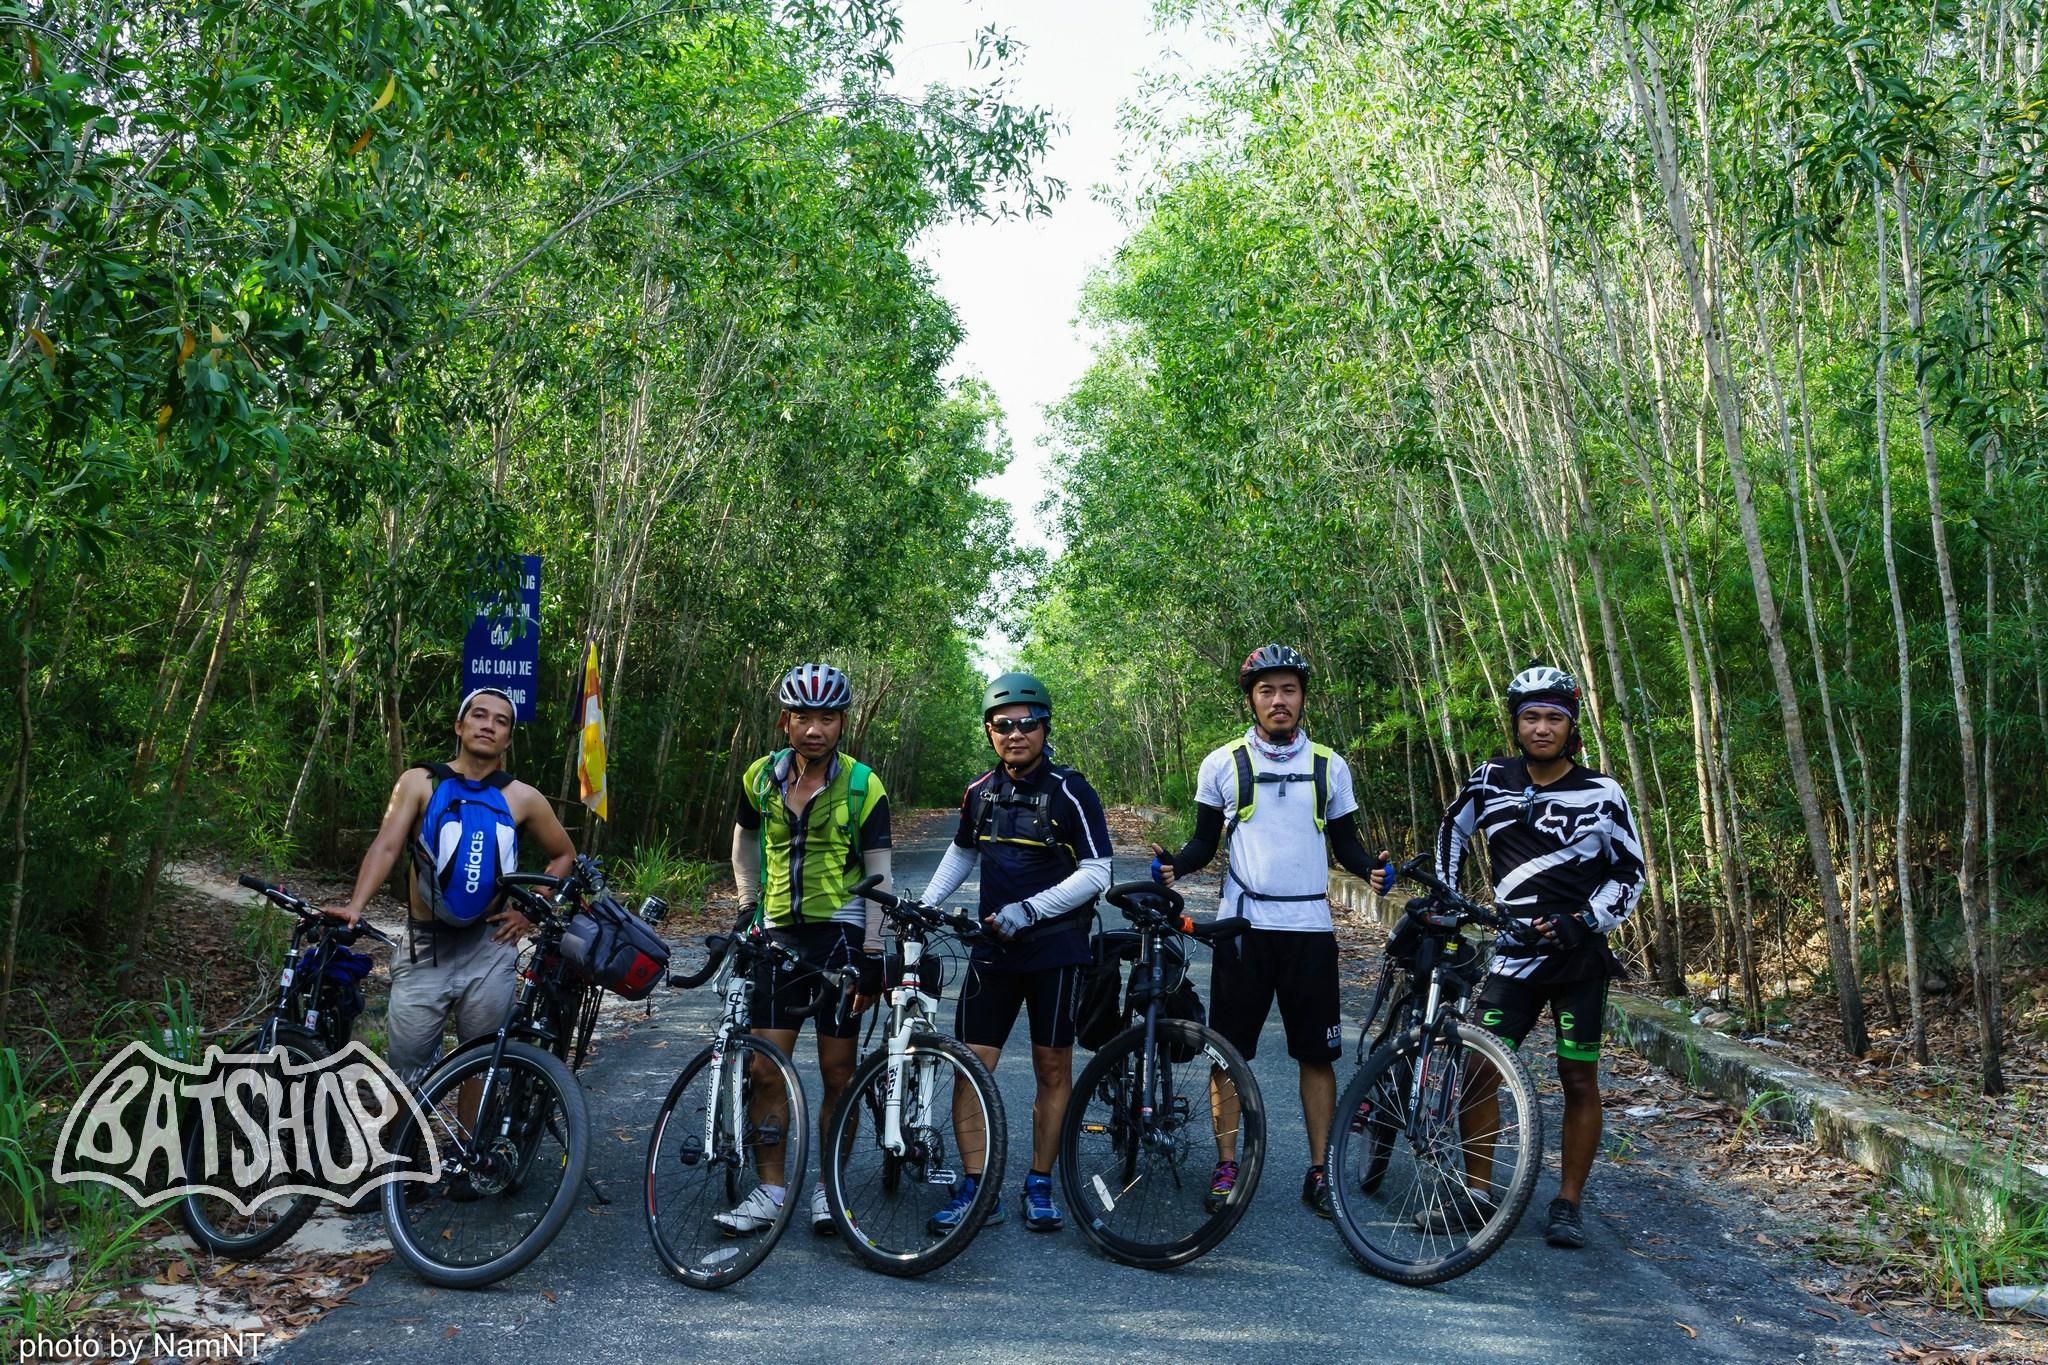 20459123800 4bbb710ca2 k - Hồ Cần Nôm-Dầu Tiếng chuyến đạp xe, băng rừng, leo núi, tắm hồ, mần gà